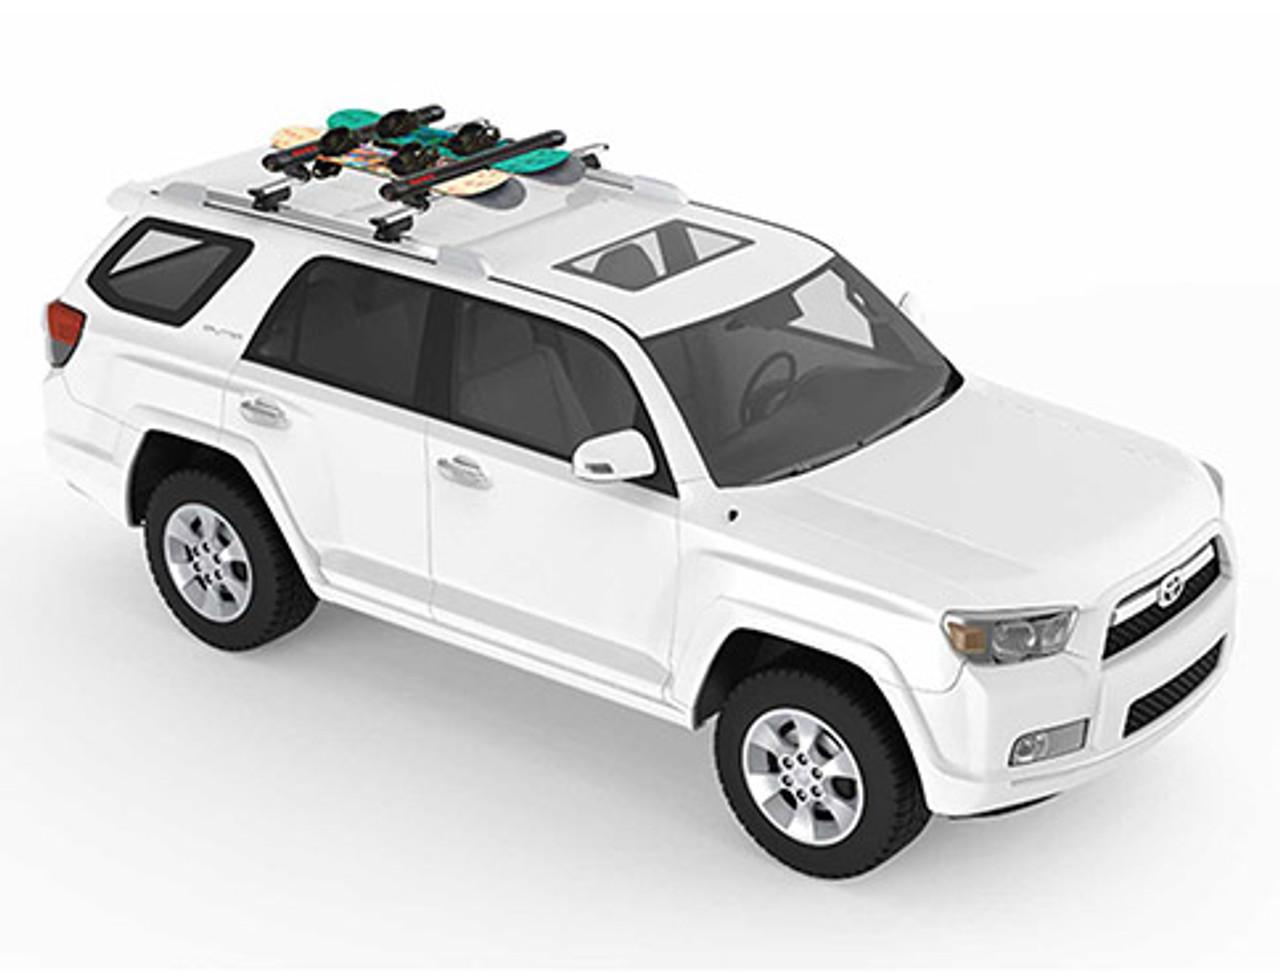 Yakima FatCat 6 EVO - Ski and Snowboard mounts for Toyota vehicles